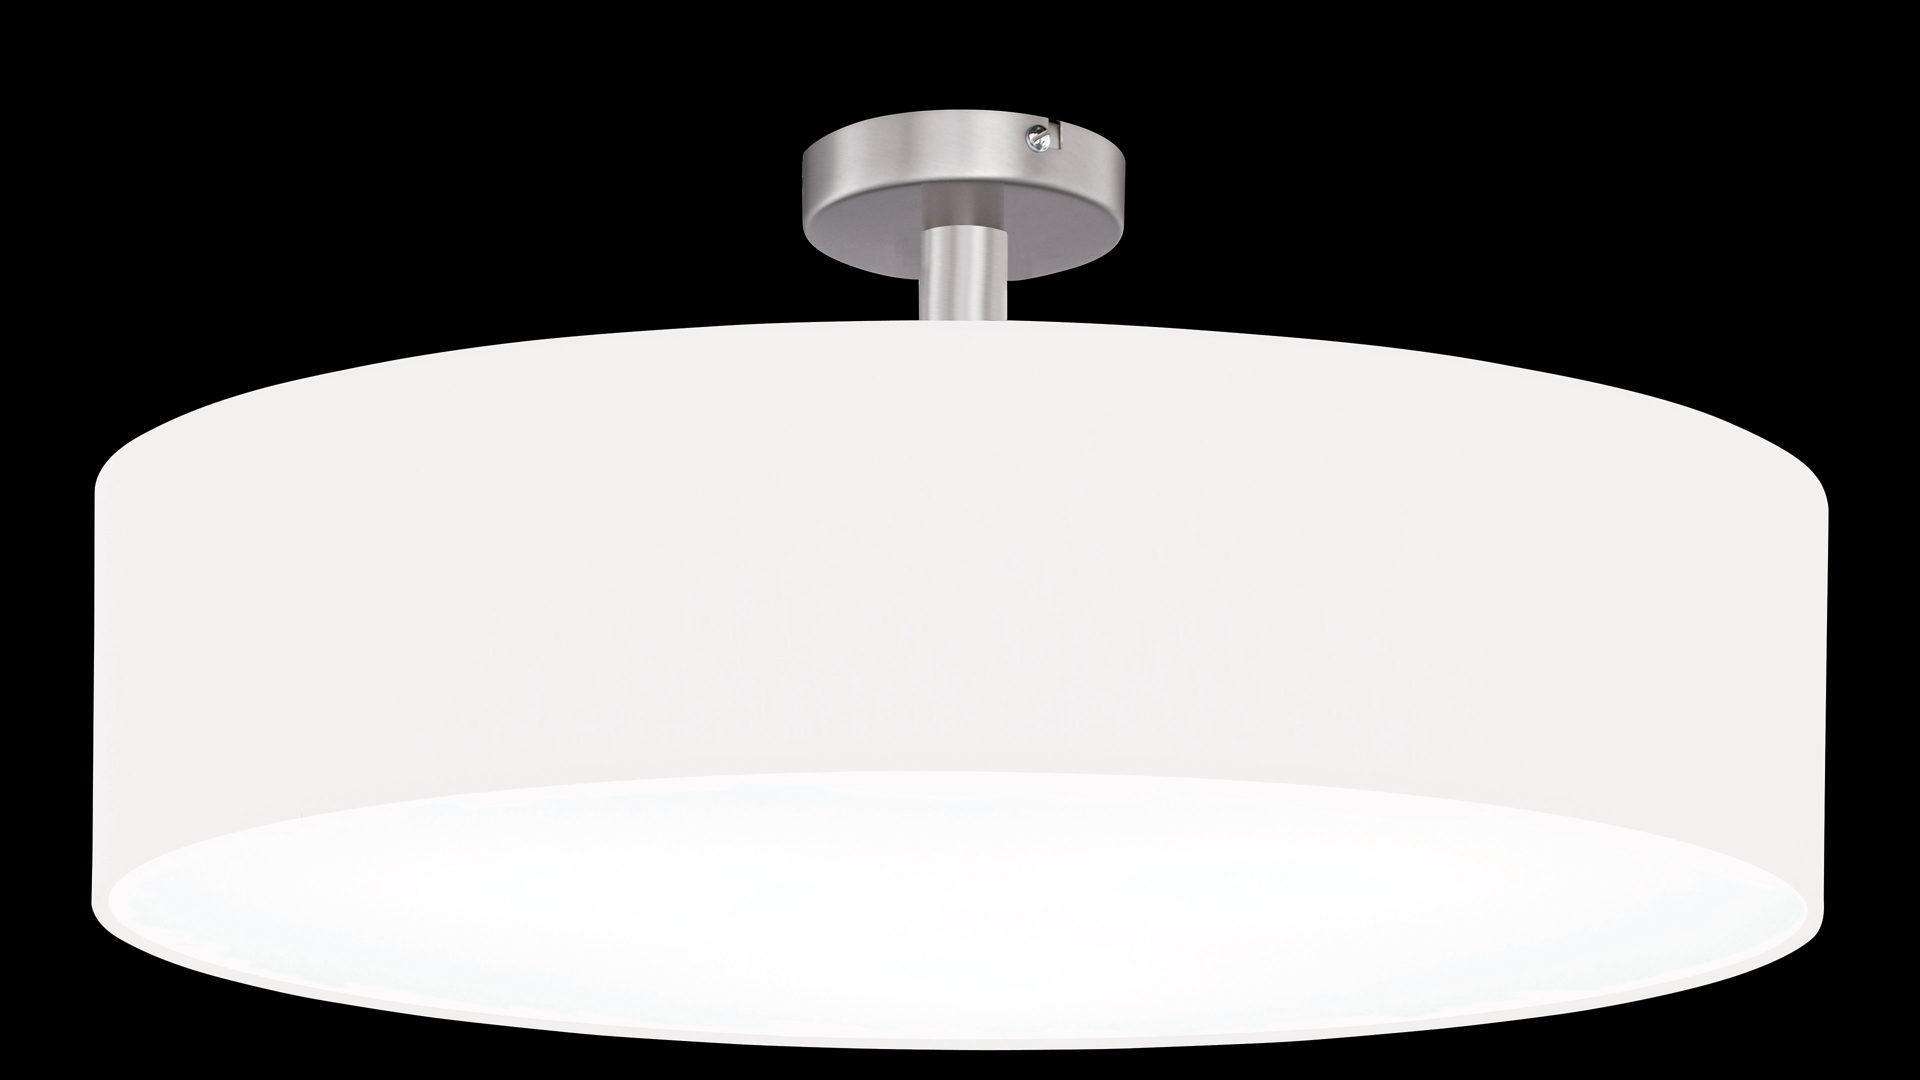 einrichtungspartner ring | räume | wohnzimmer | lampen + leuchten, Wohnzimmer